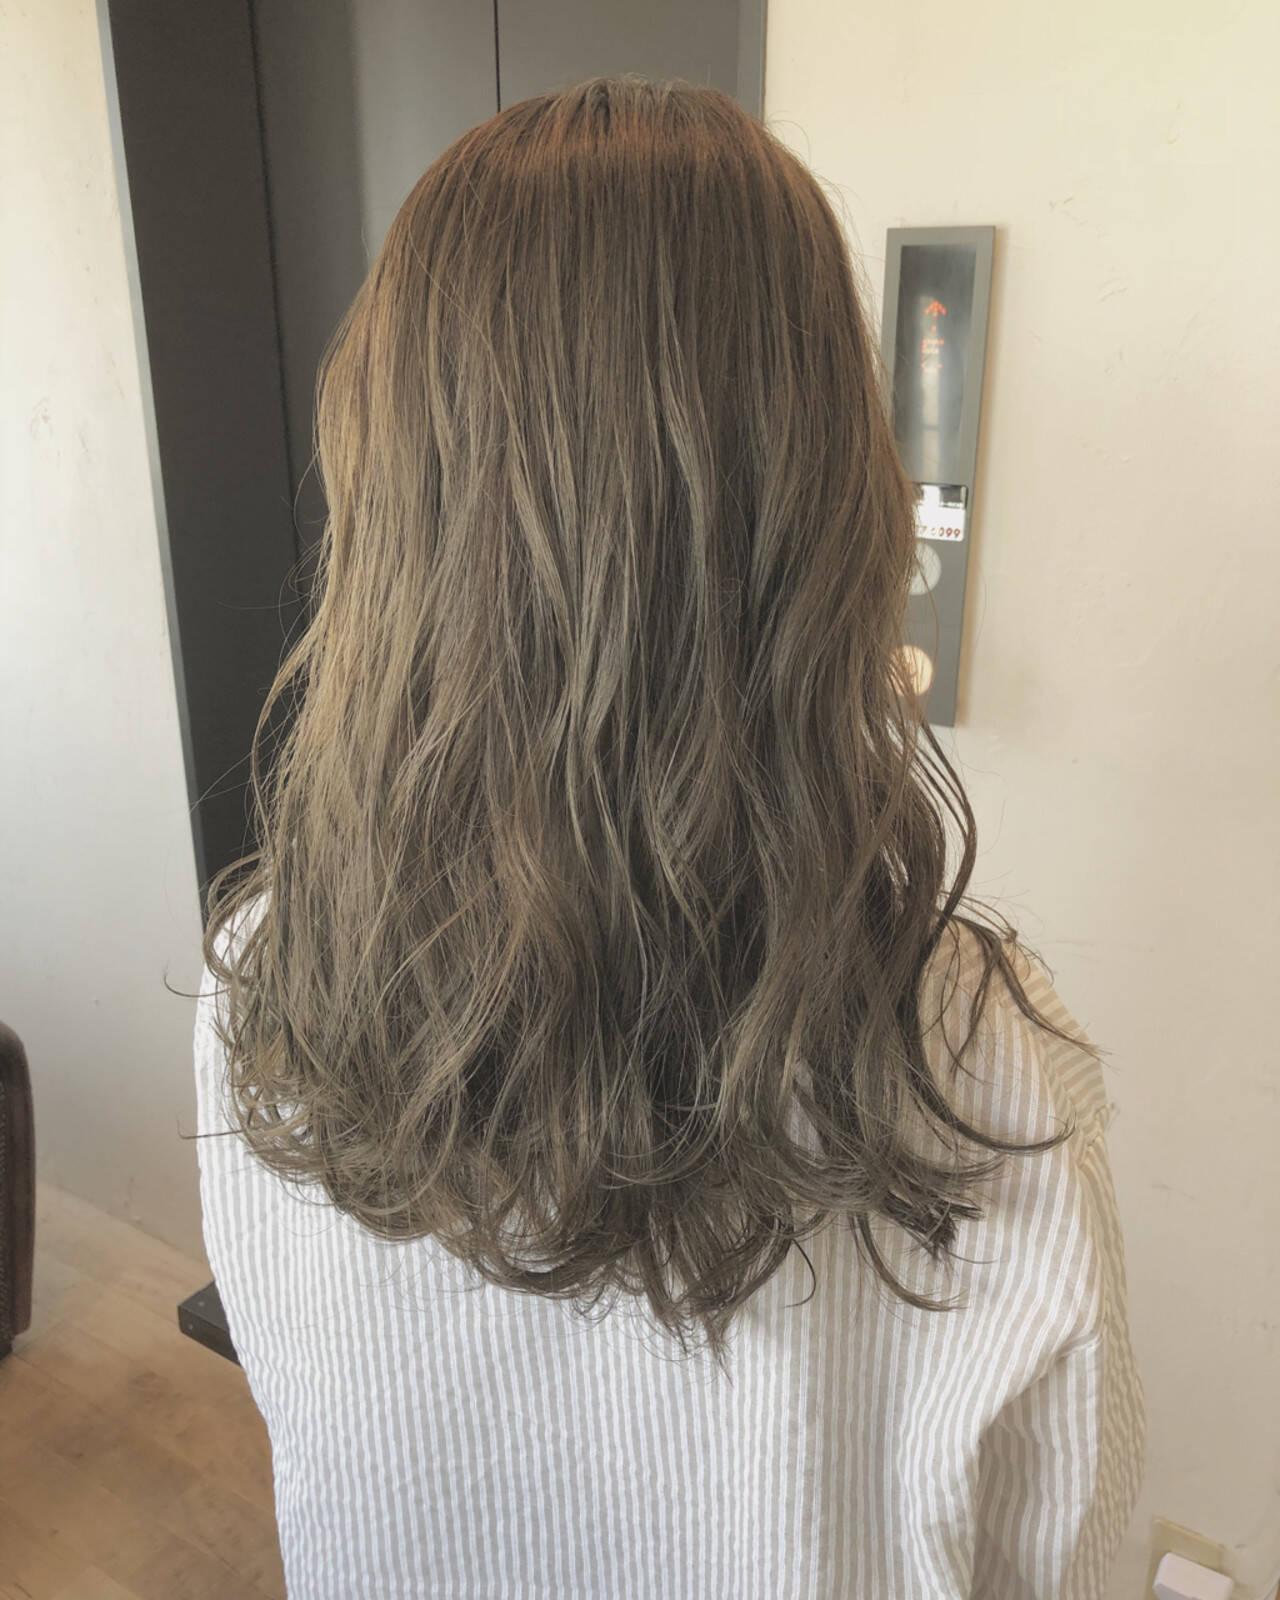 外国人風 大人女子 アンニュイ ハイライトヘアスタイルや髪型の写真・画像